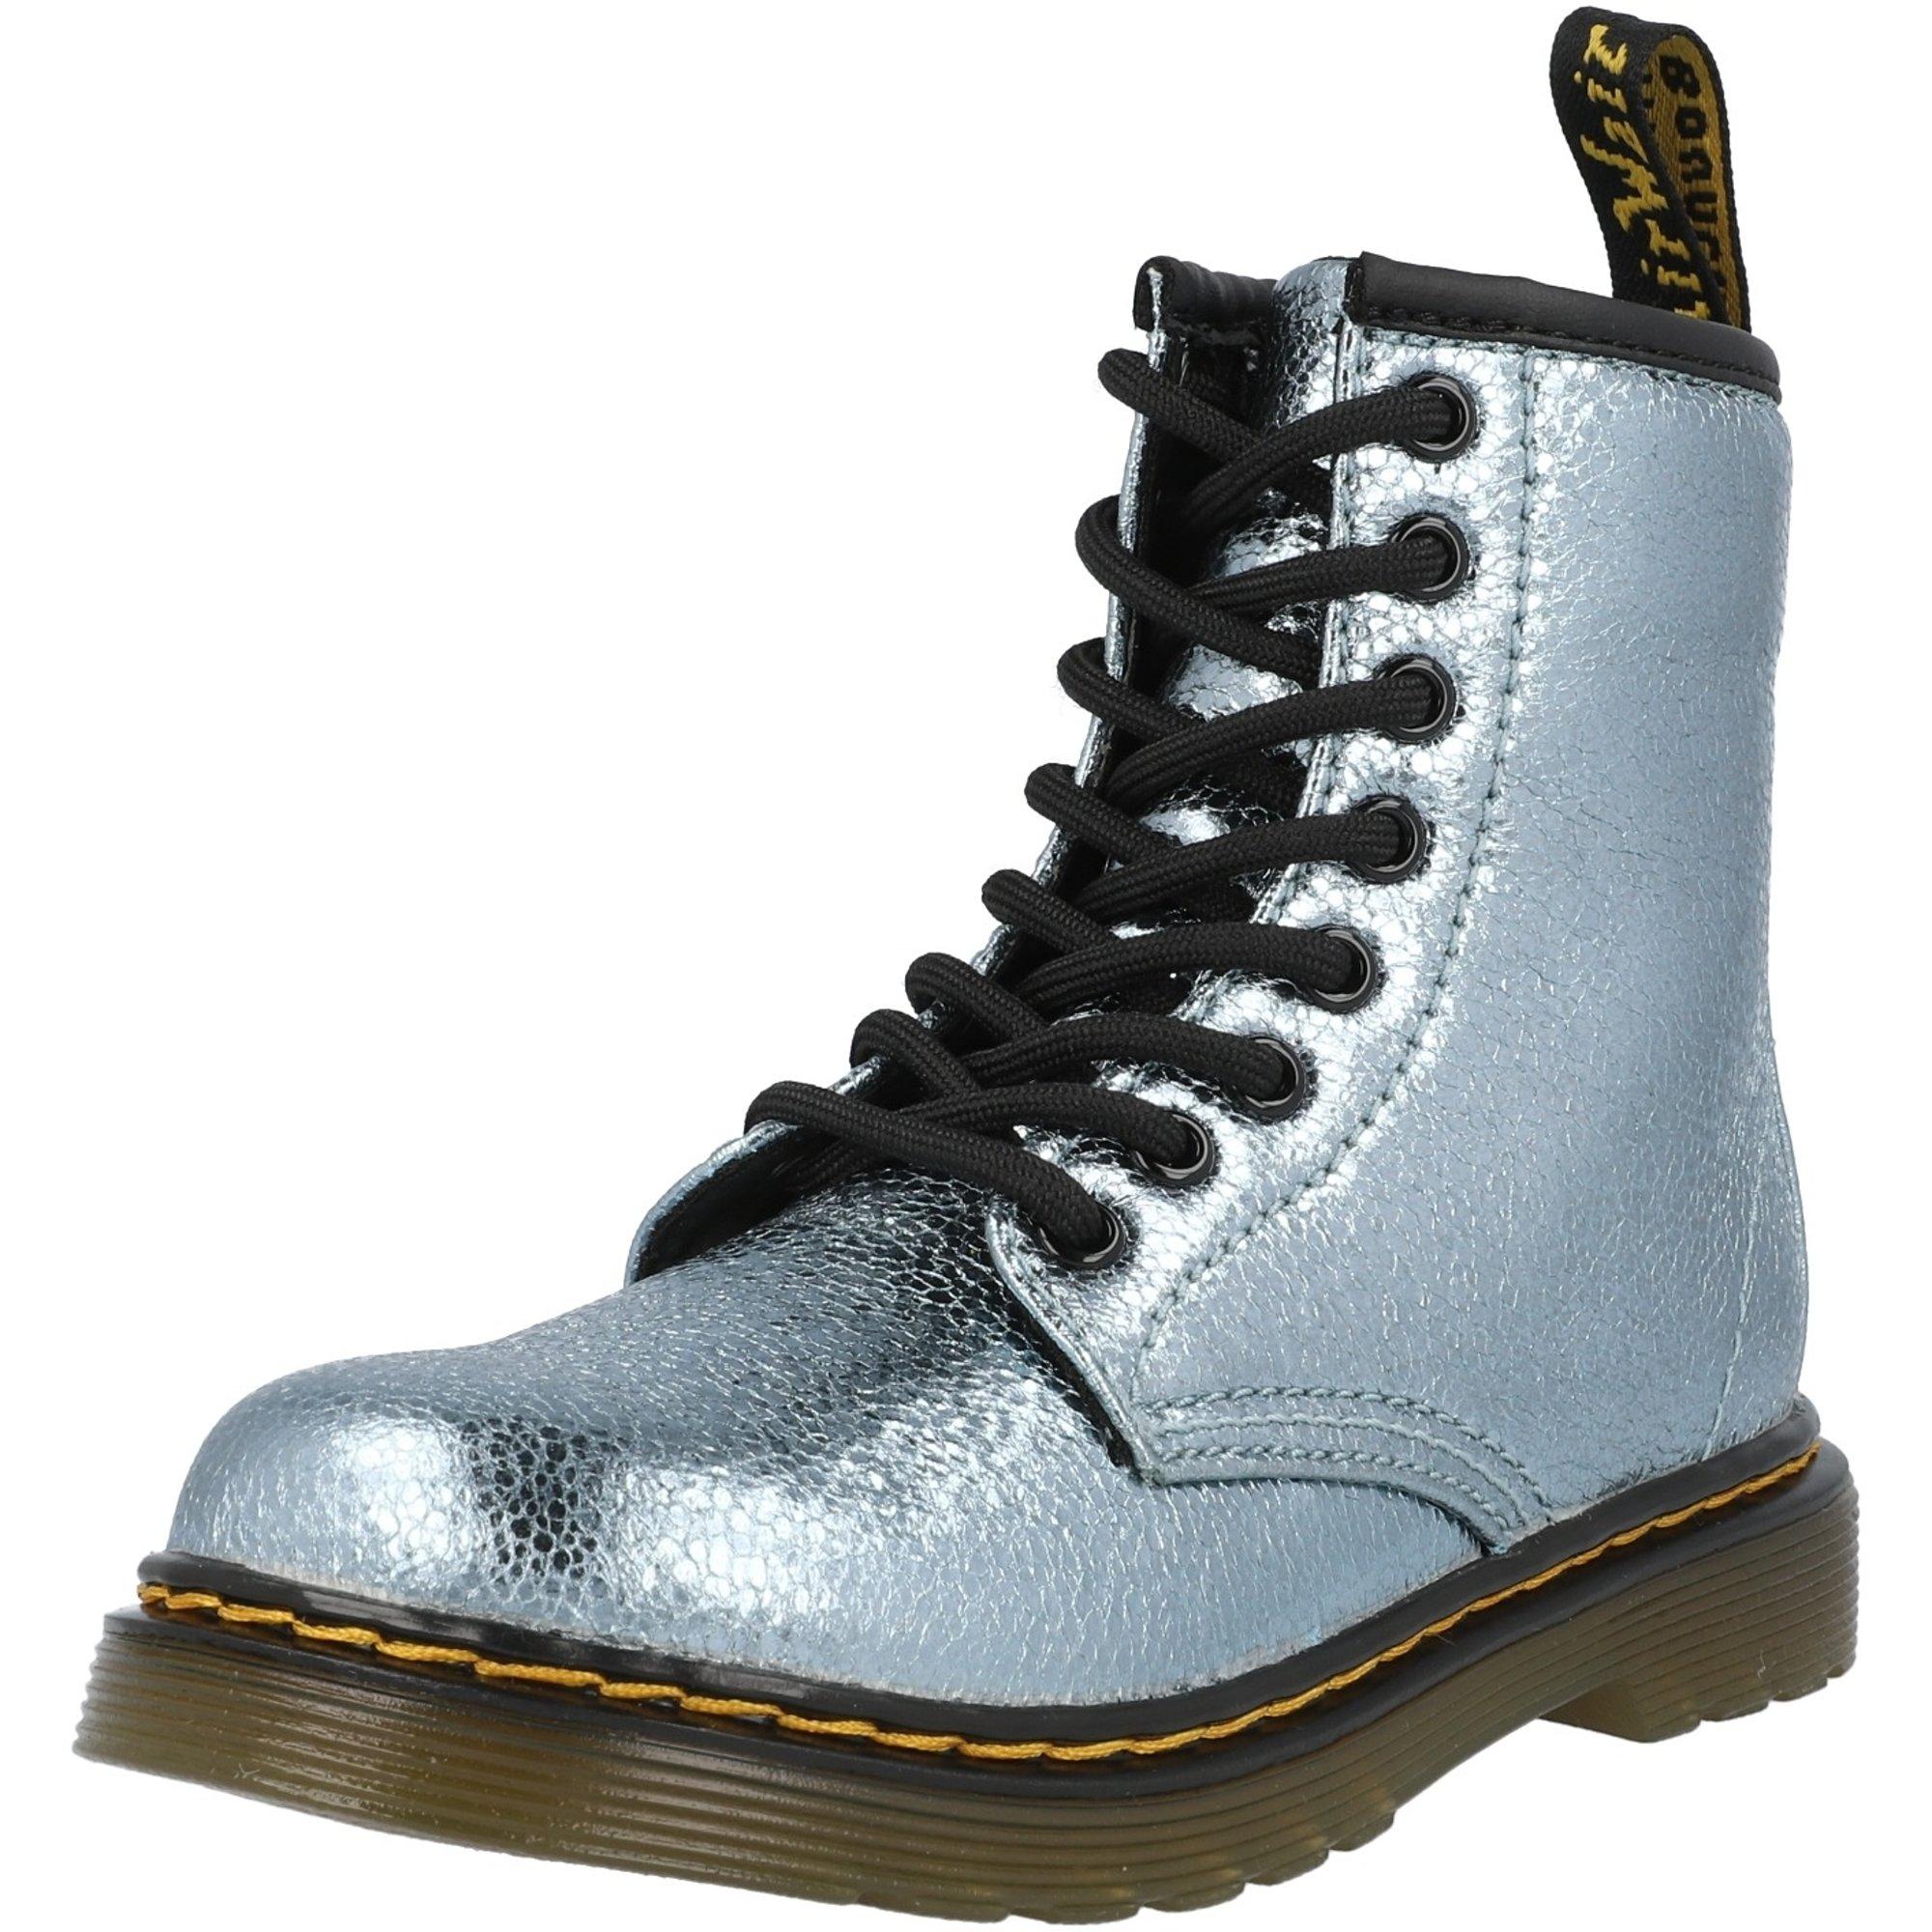 Dr Martens 1460 J Teal Crinkle Metallic